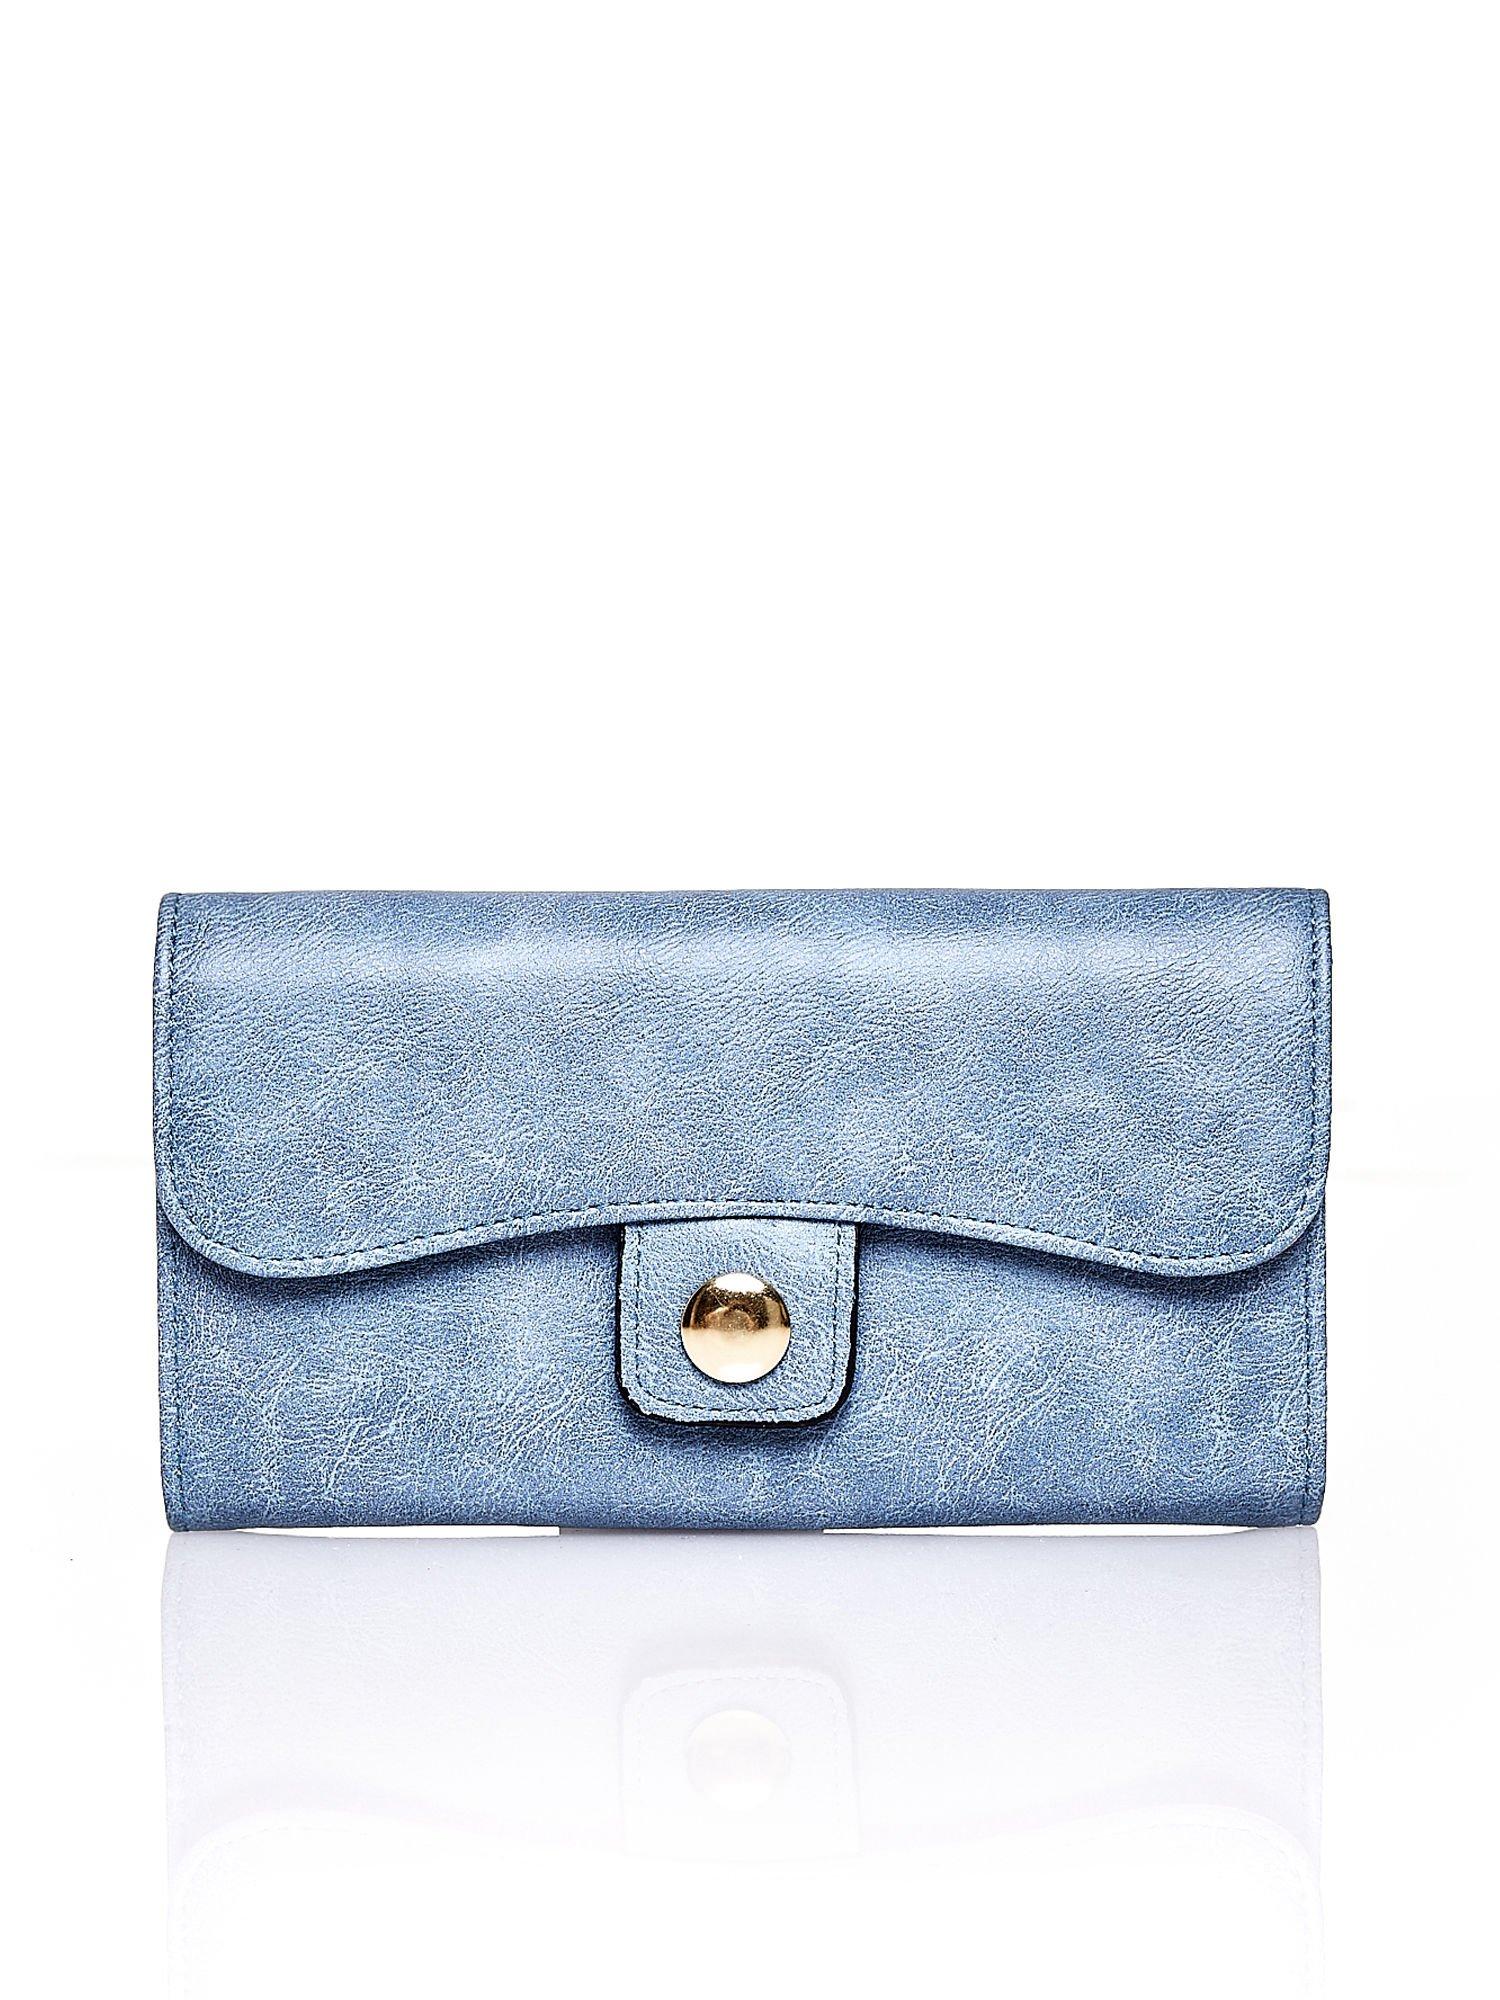 Niebieski portfel z zapięciem na magnes                                  zdj.                                  1